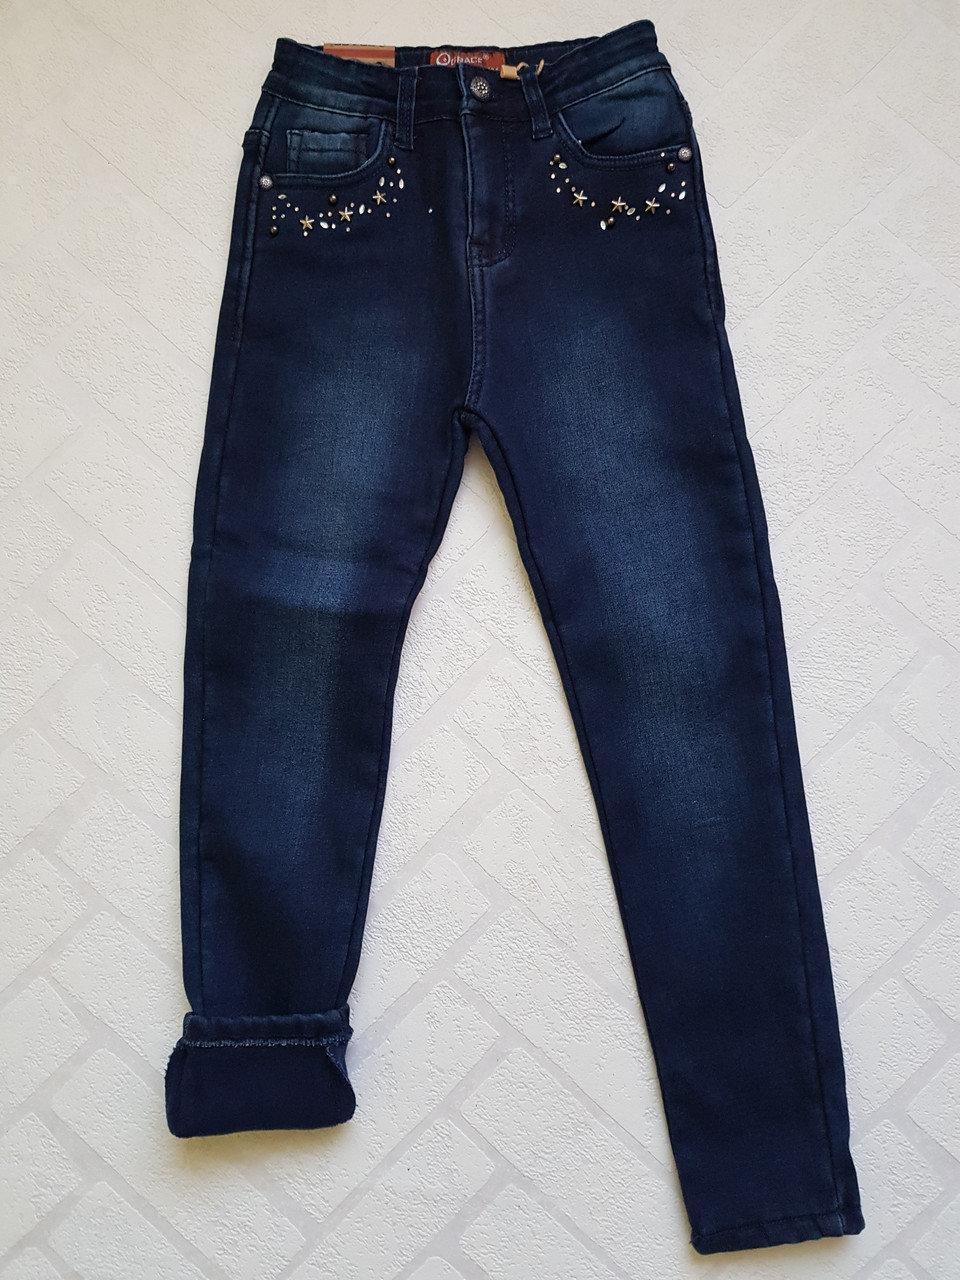 Утепленные джинсы на флисе для девочек GRACE,разм 134-152